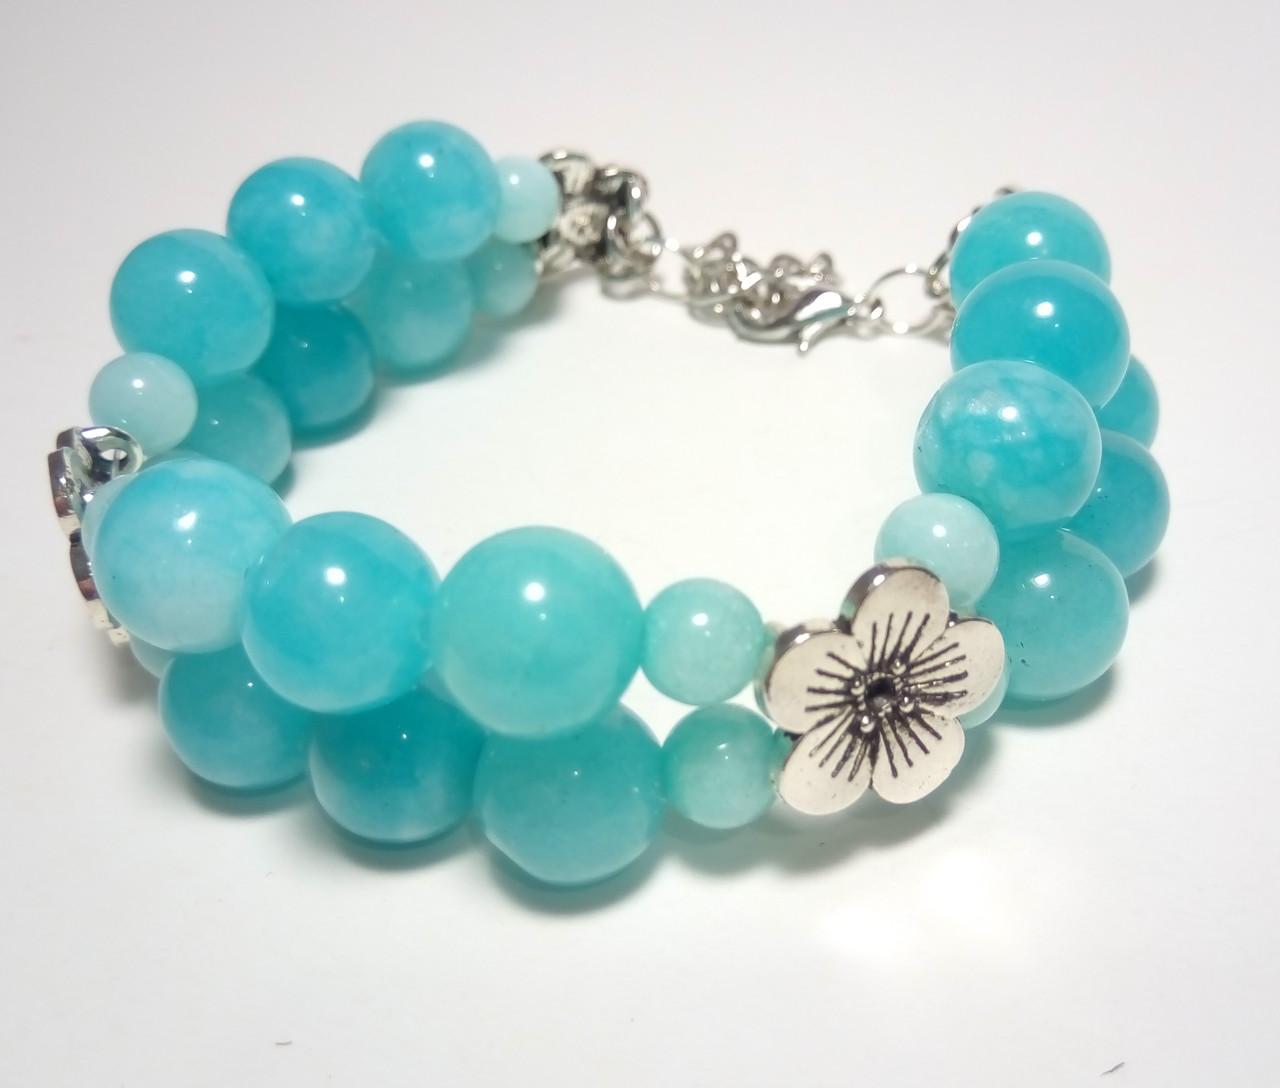 Браслет из Аквамарина двойной, натуральный камень, цвет голубой и его оттенки, тм Satori \ Sb - 0029